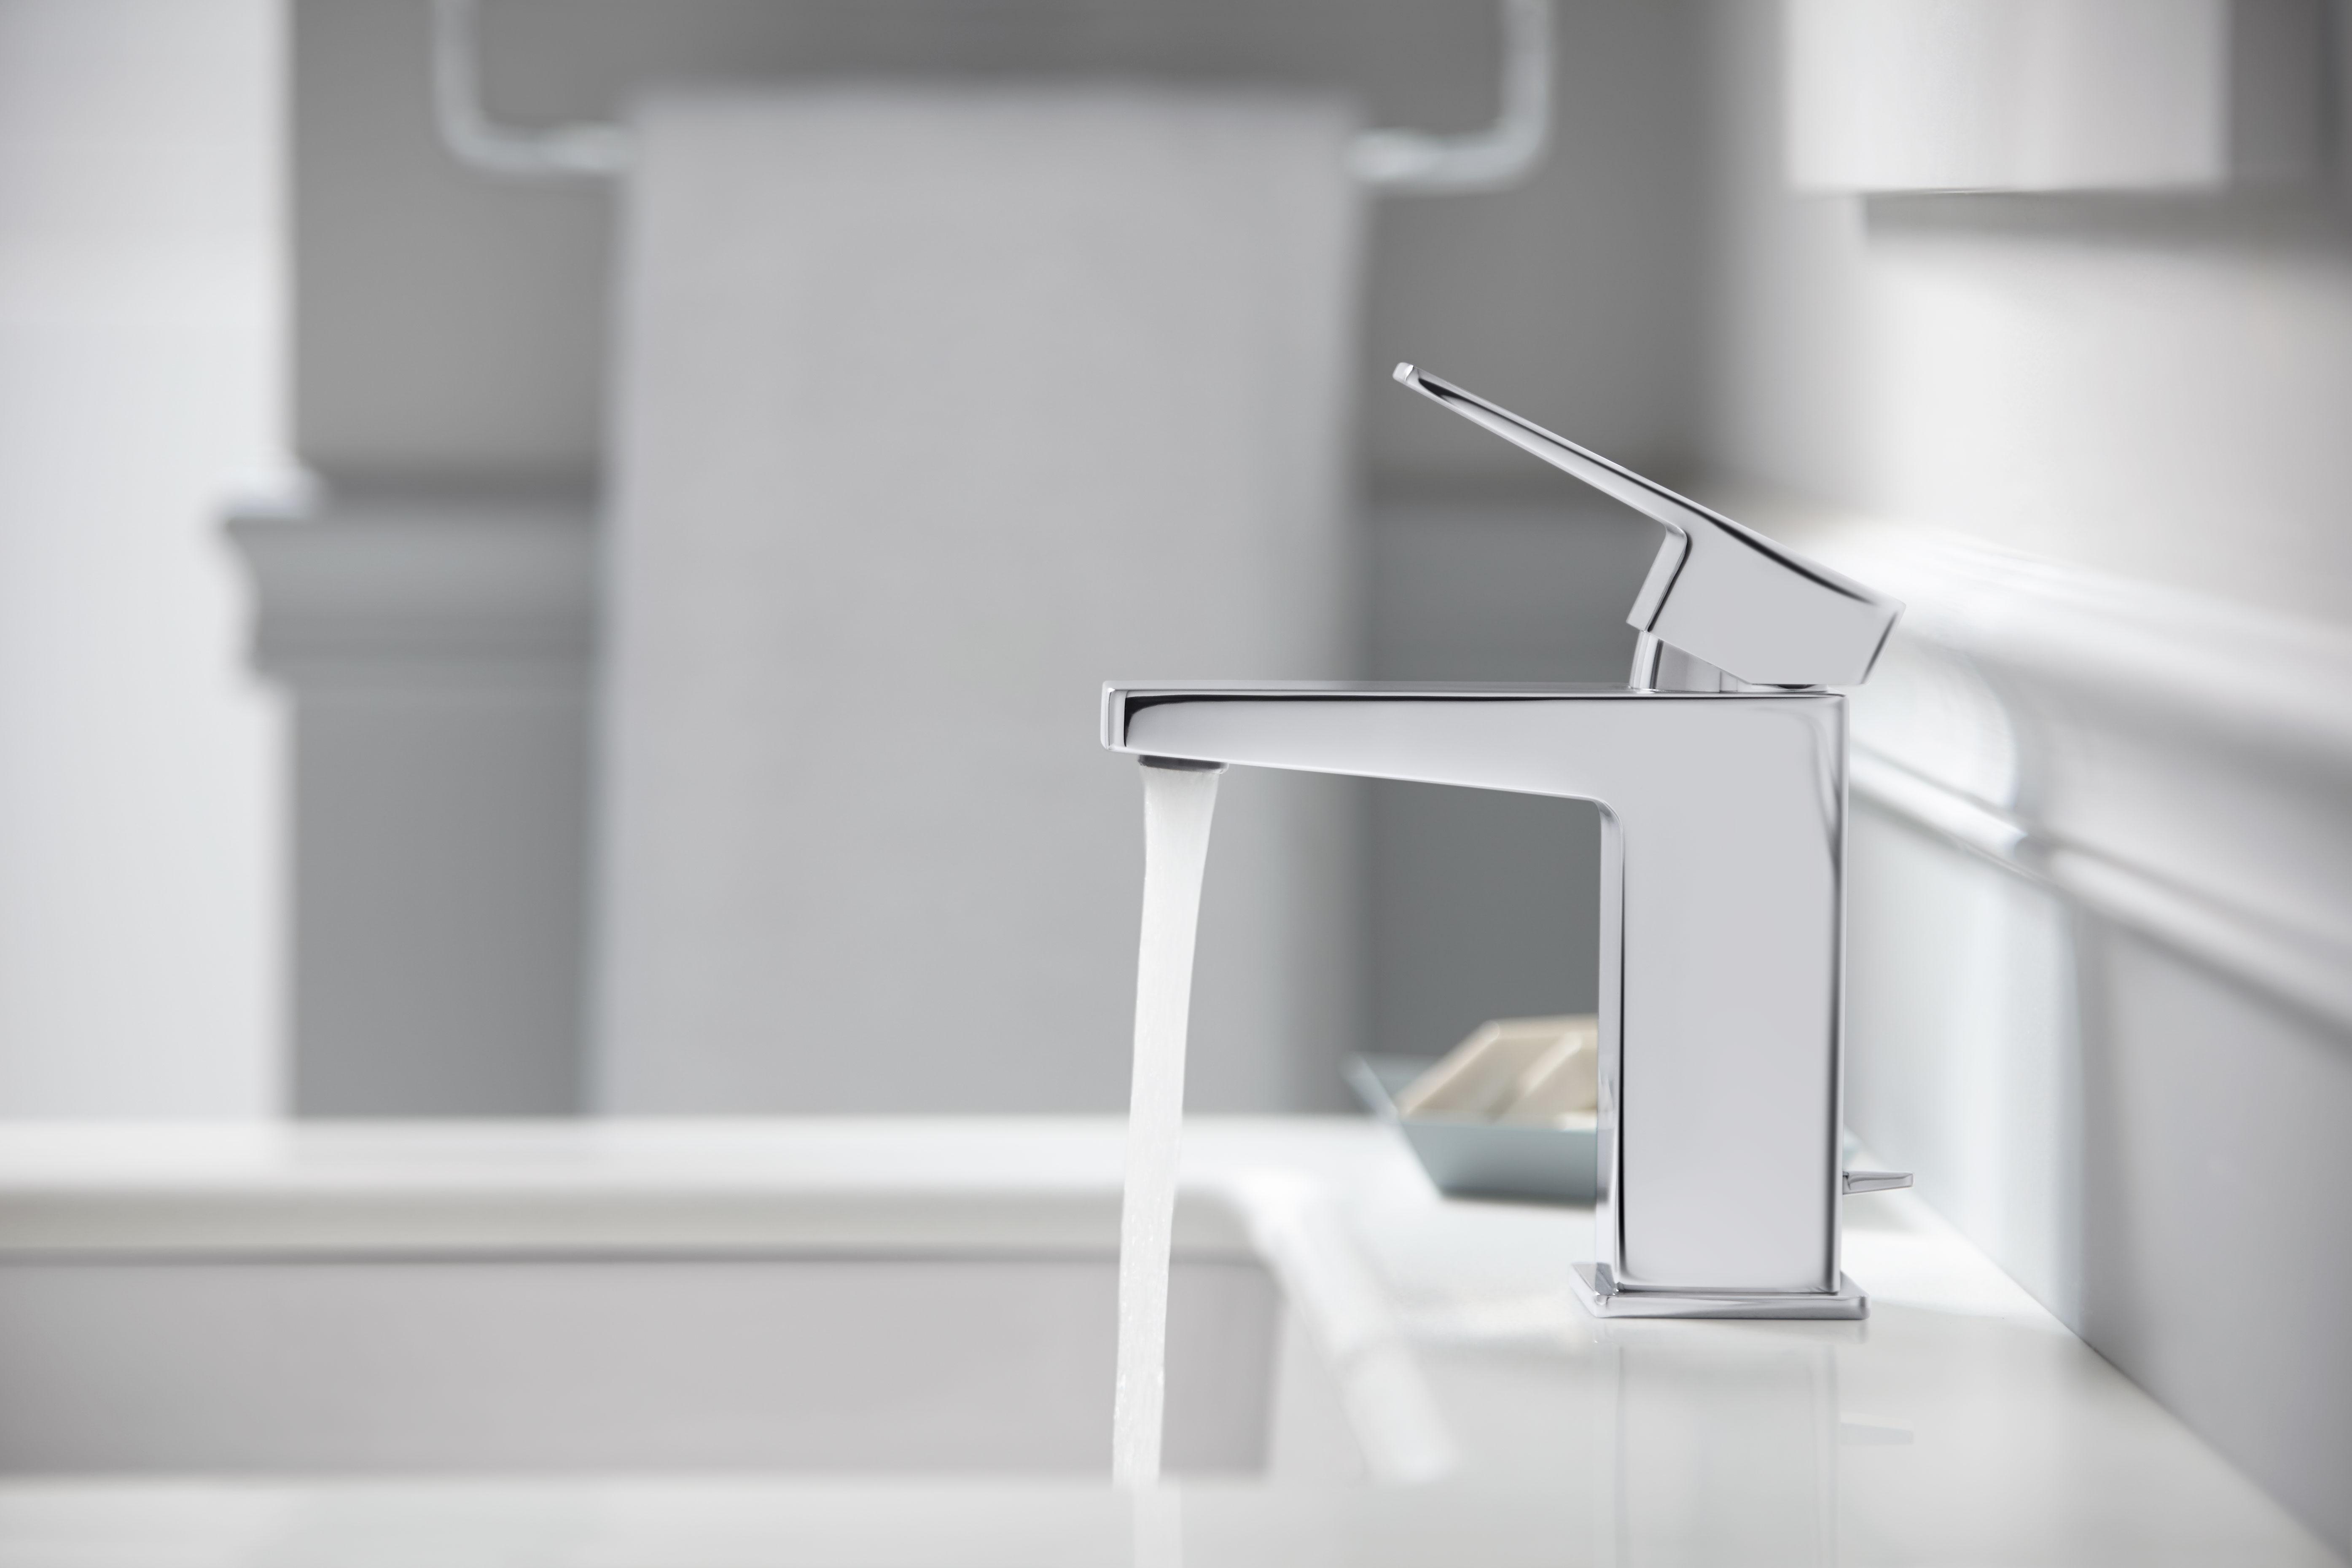 kohler devonshire lav faucet kohler devonshire lav faucet robinson lighting bath centre single handle faucets 5579 x 3720